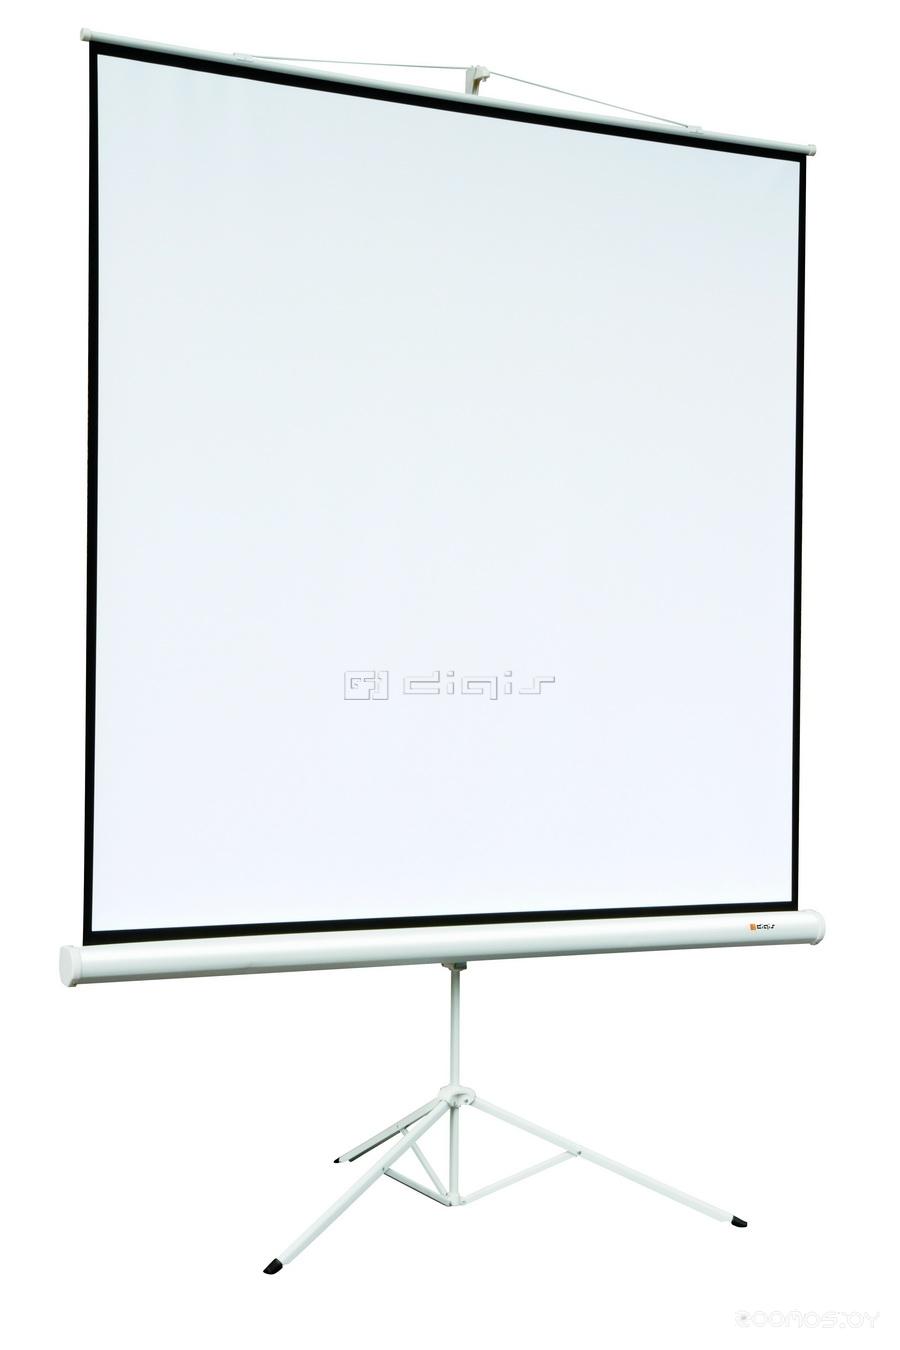 Проекционный экран Digis Kontur-A 180x240